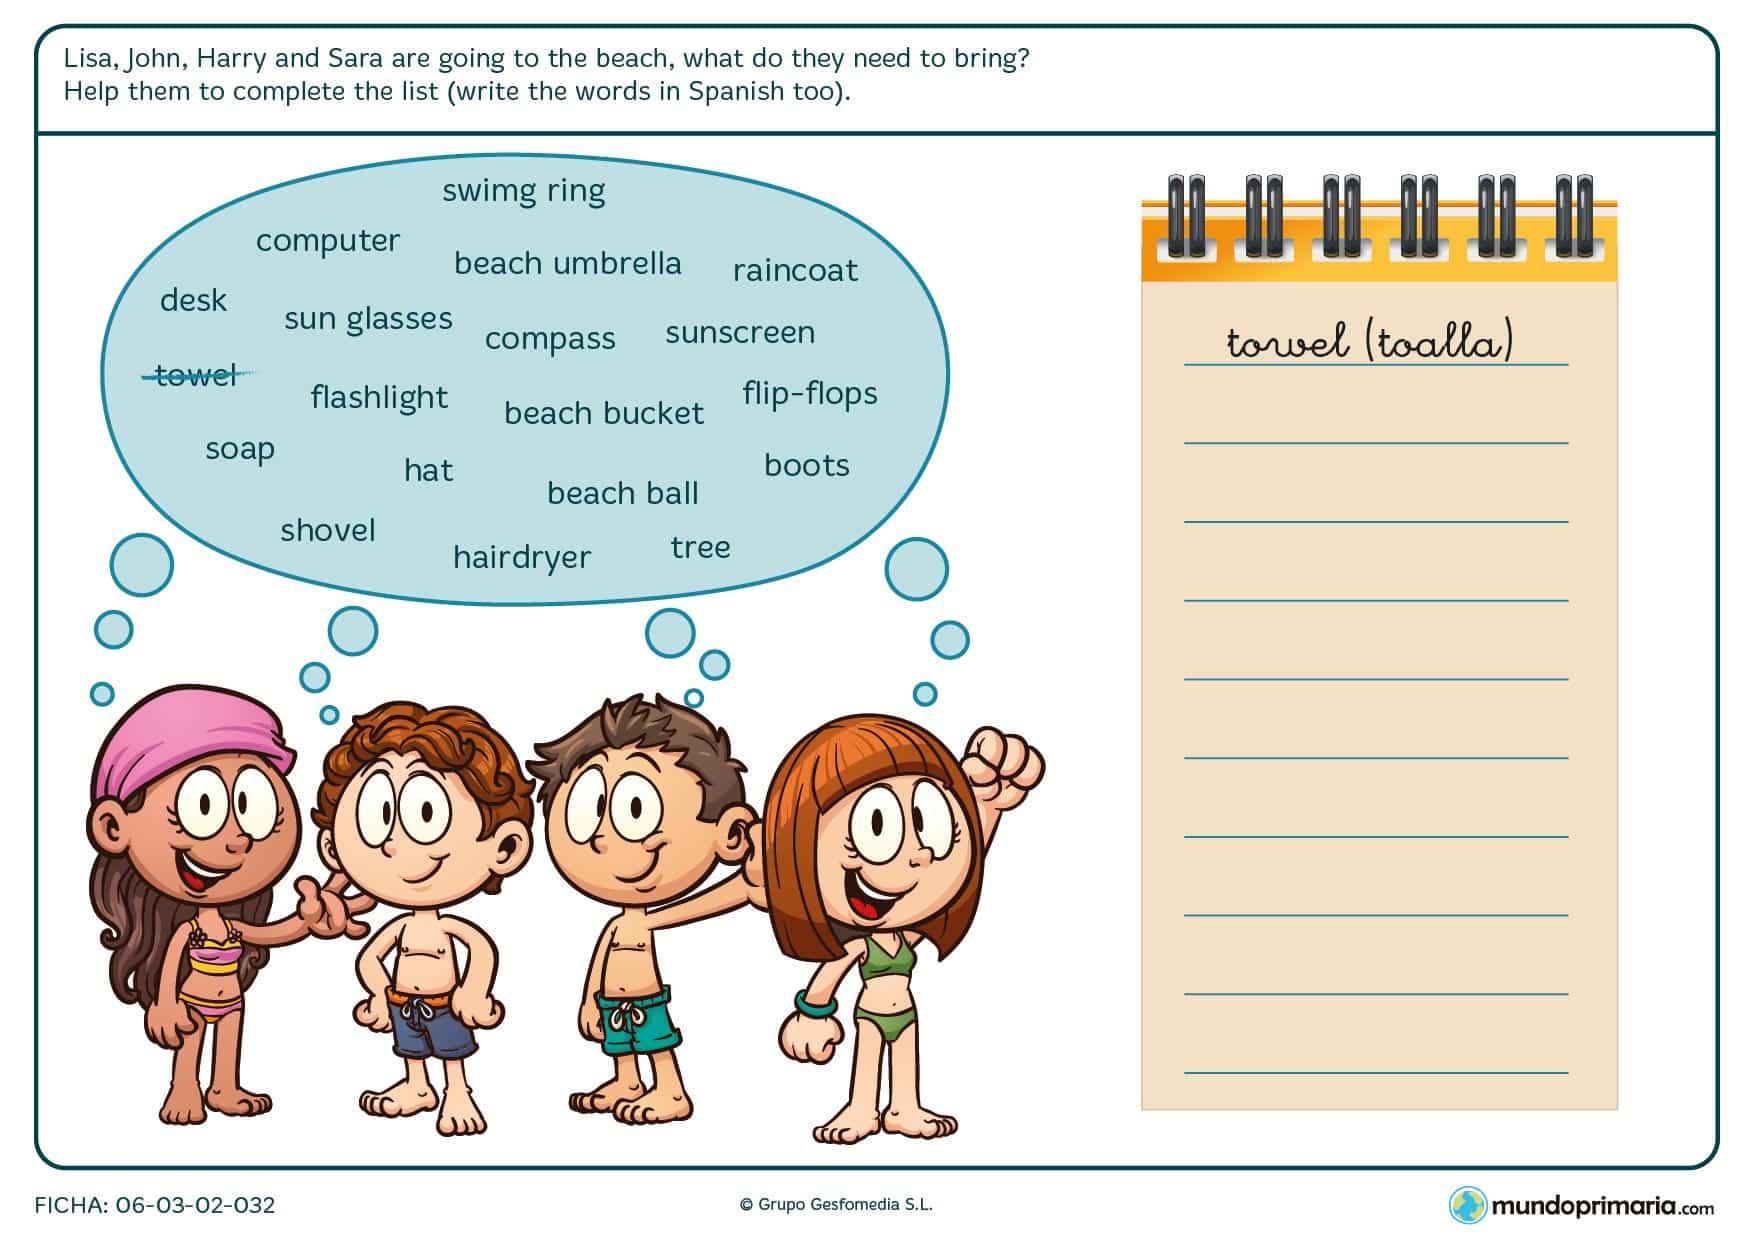 En esta ficha los niños deben escribir las palabras relacionadas con la playa que necesitan Lisa, John, Harry y Sara en una libreta.